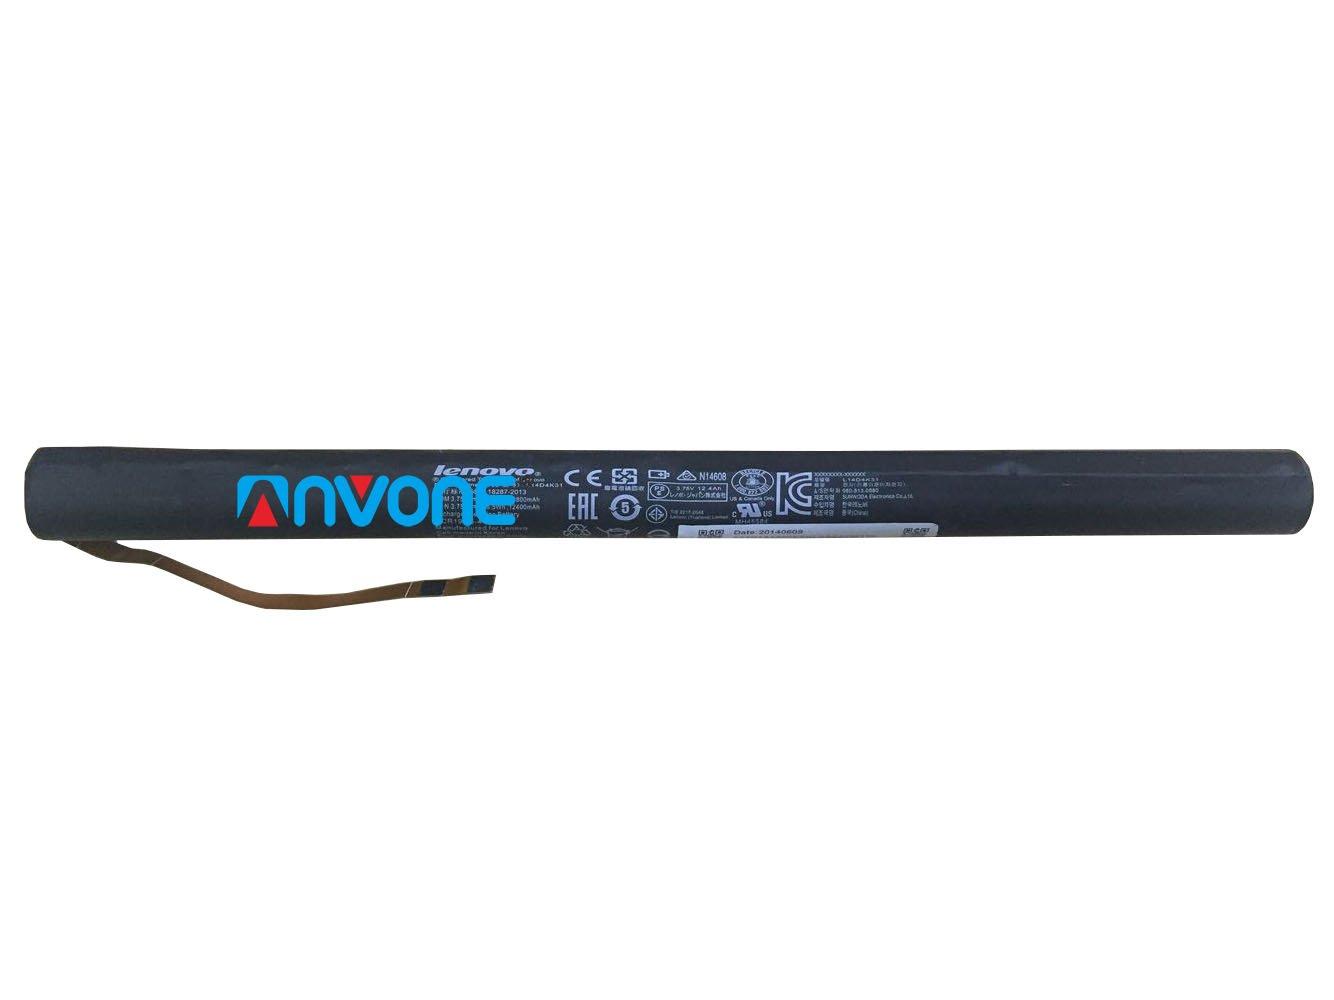 L14D4K31 L14C4K31 Battery For Lenovo Yoga Tablet 2 1371F